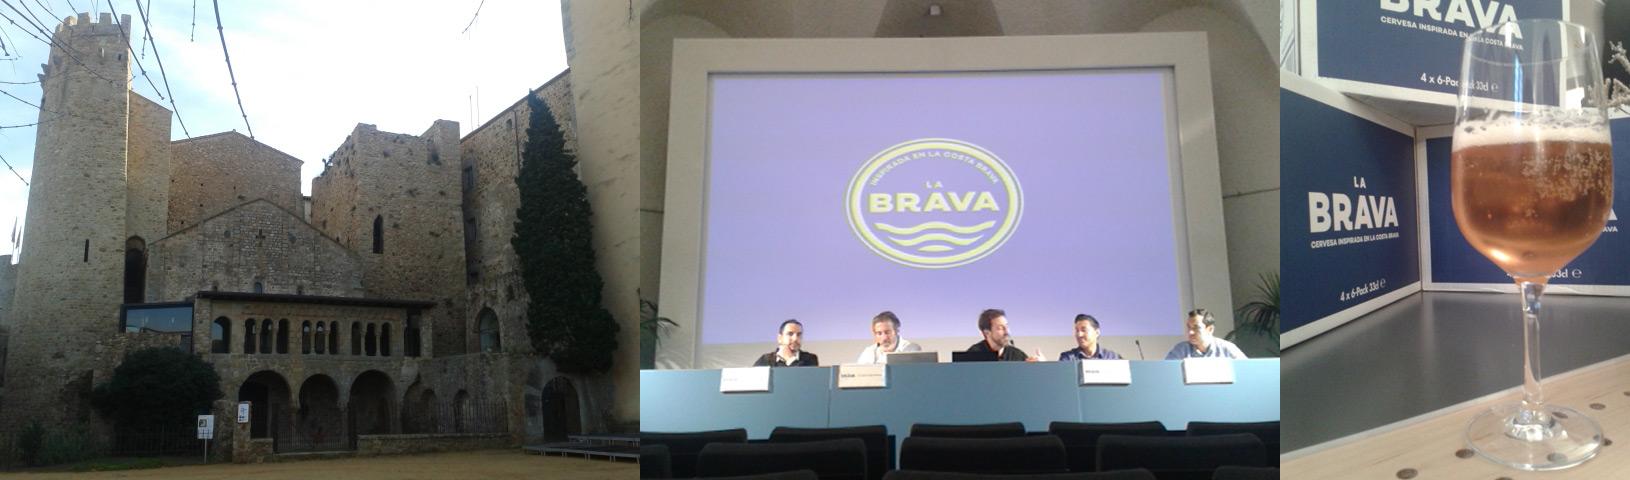 Museu Història de Sant Feliu de Guíxols, presentació La Brava